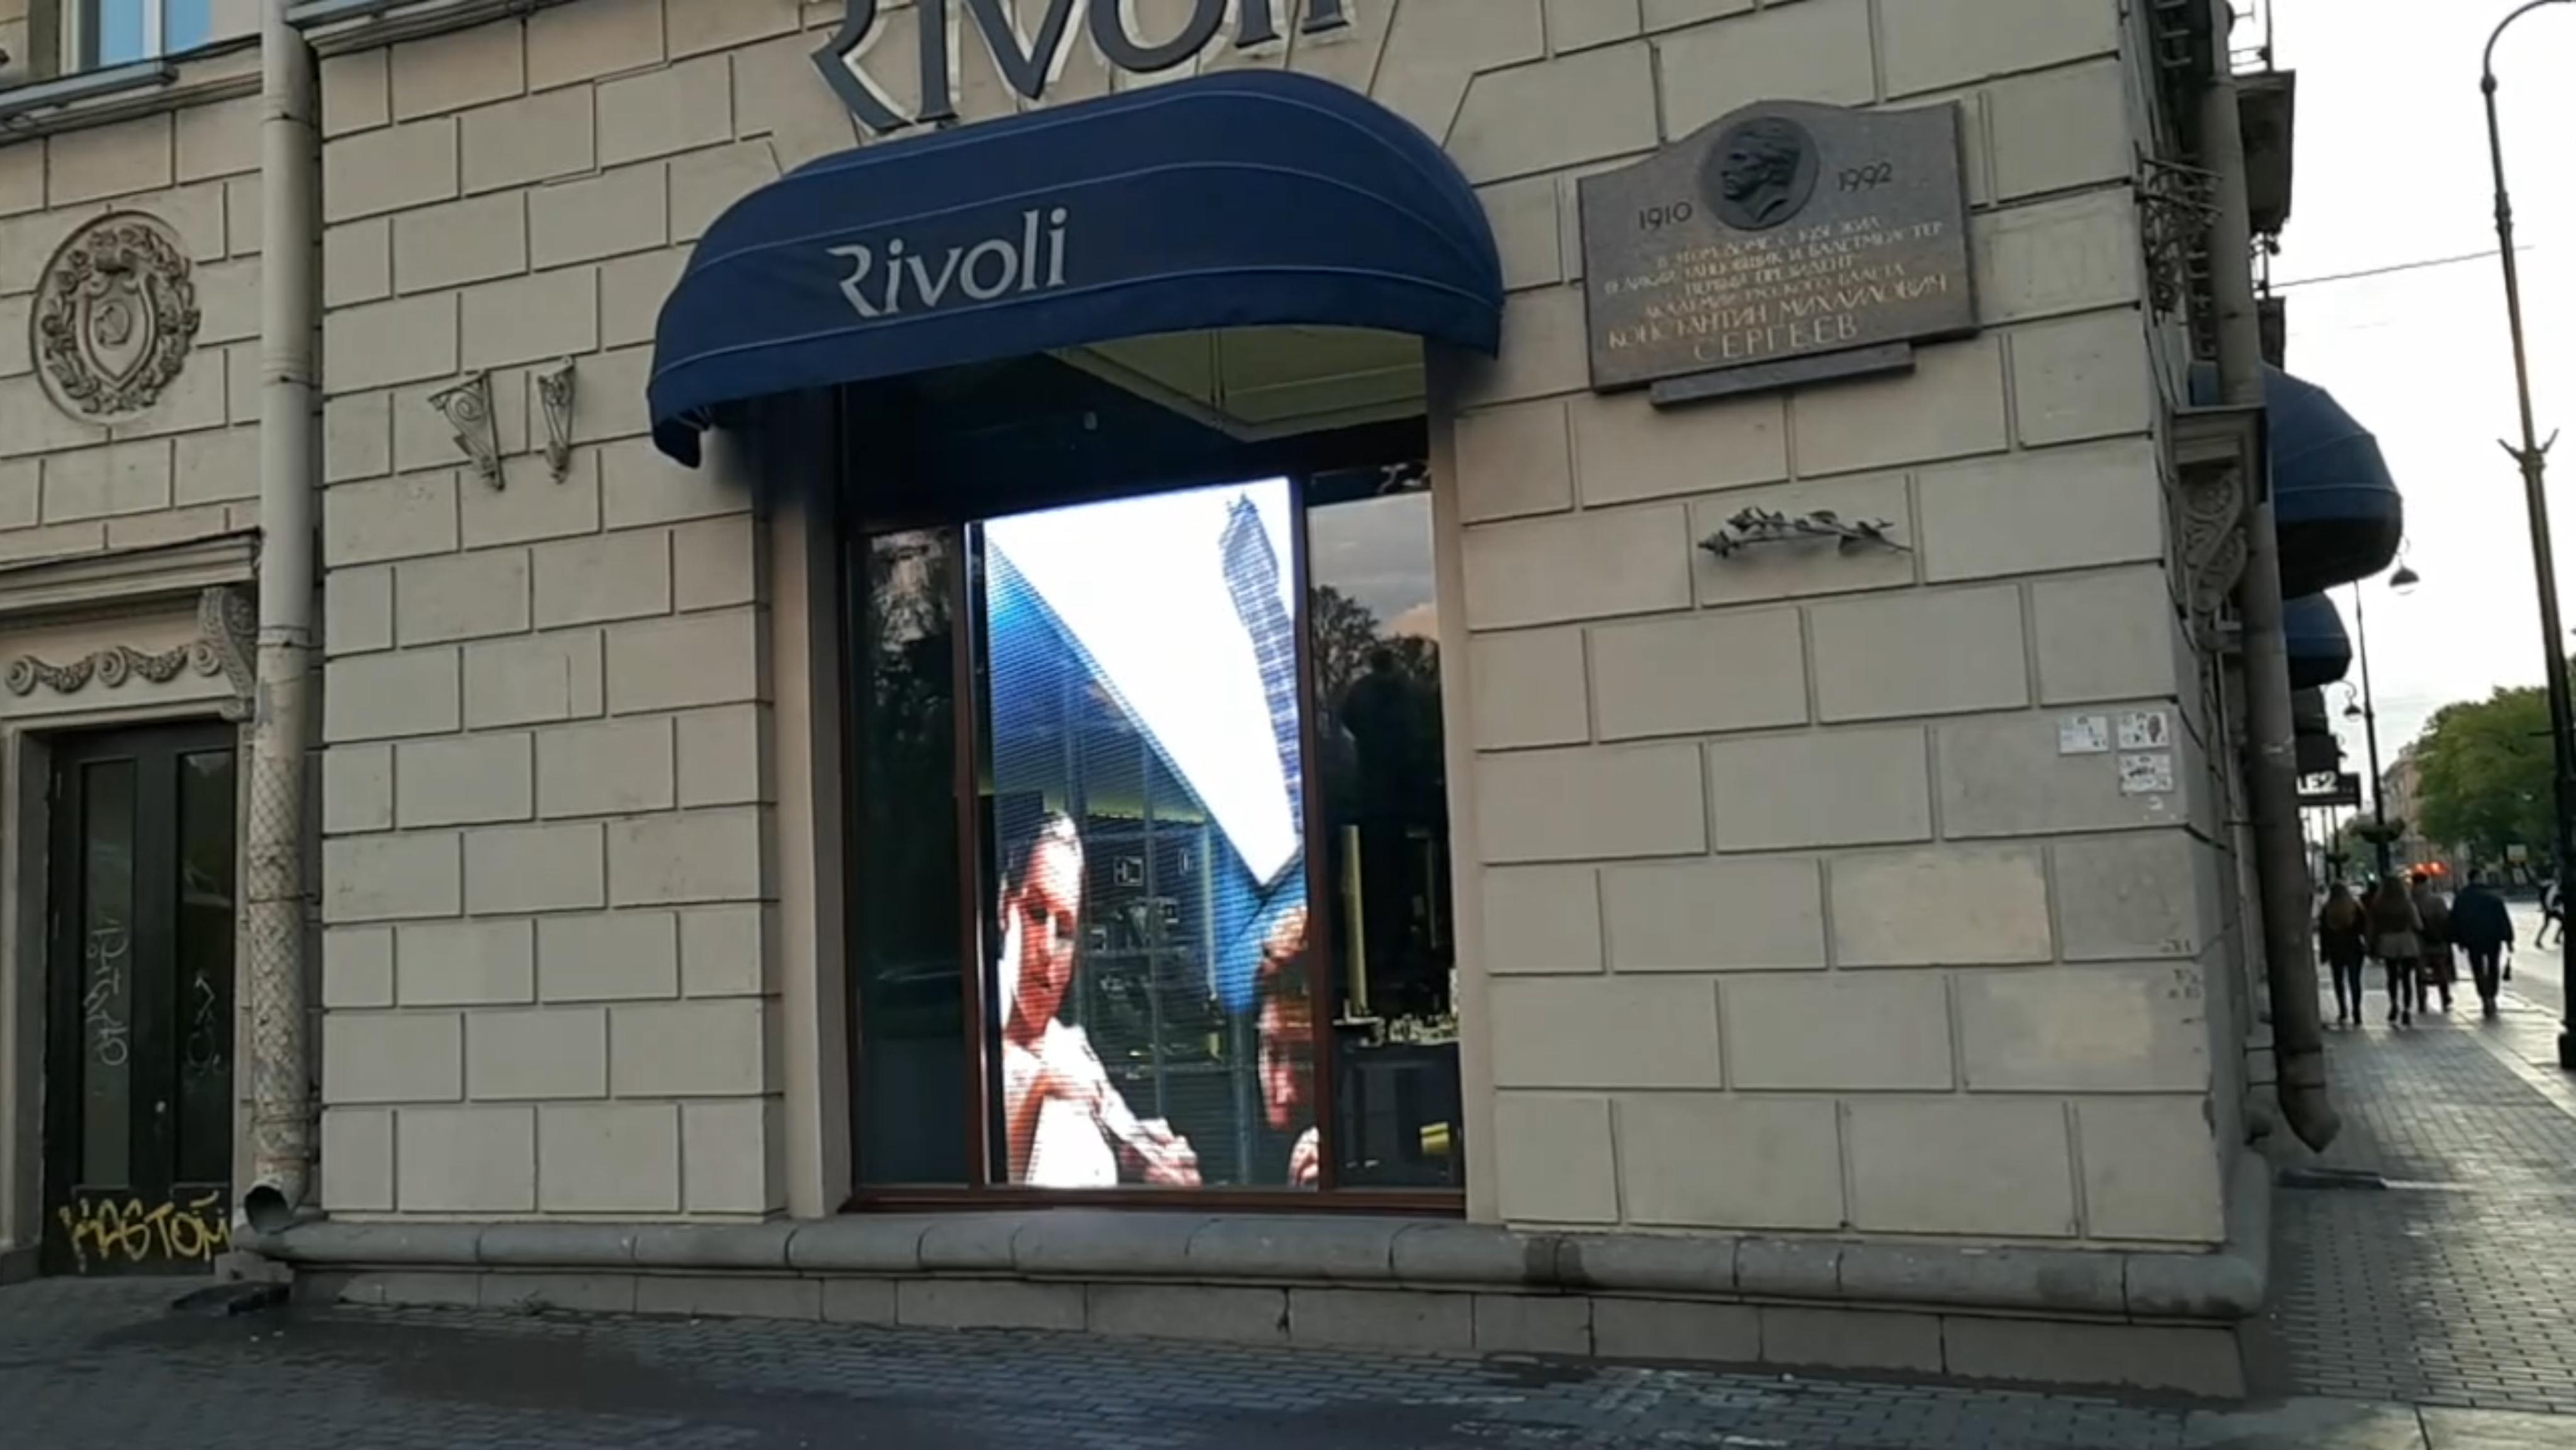 rivoli- transparent-led-screen-windows-POS